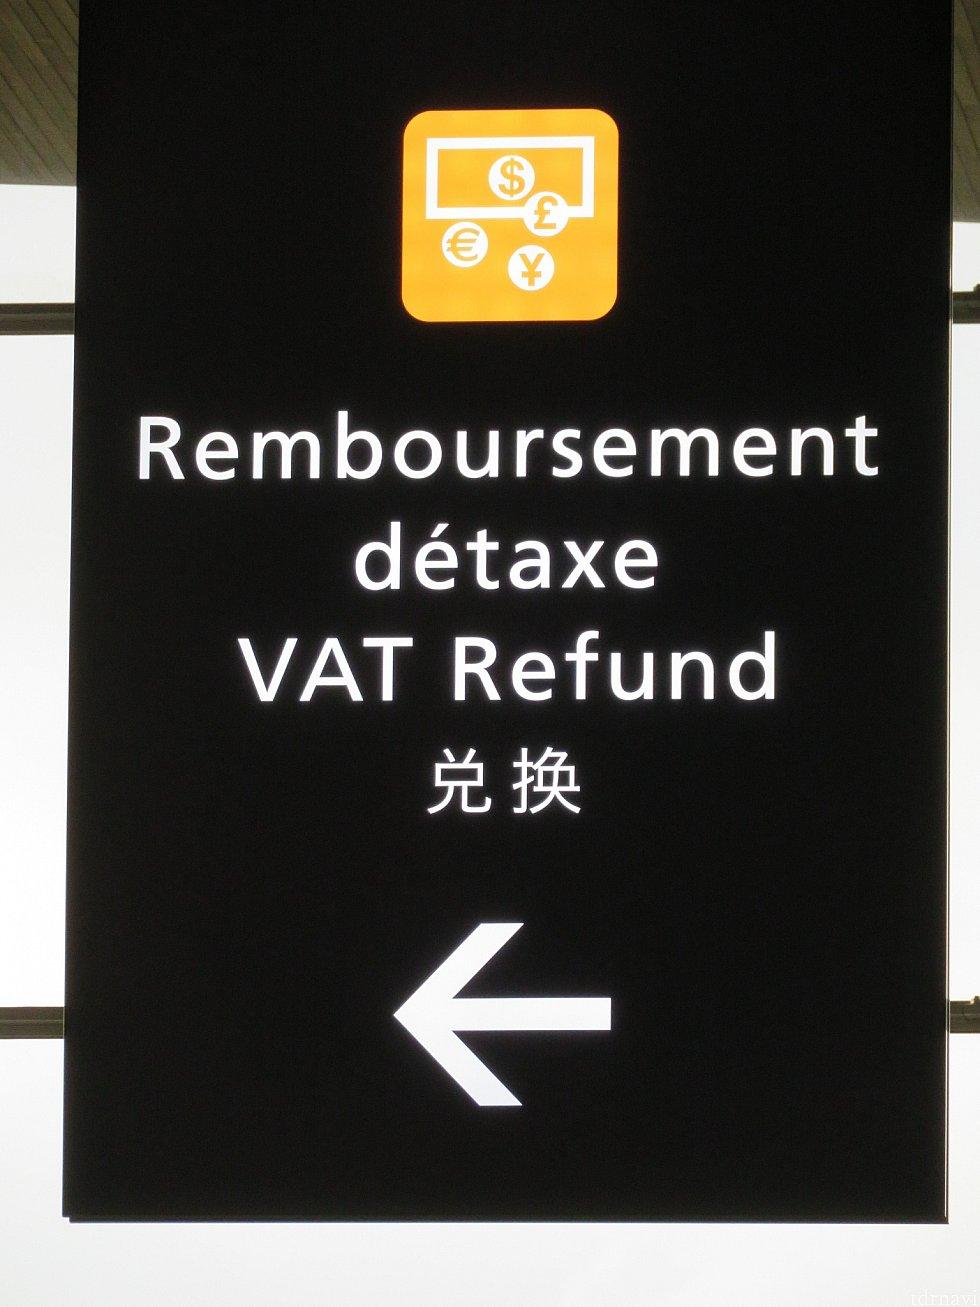 次はこちらの掲示板を頼りに免税分を受け取りに行きます